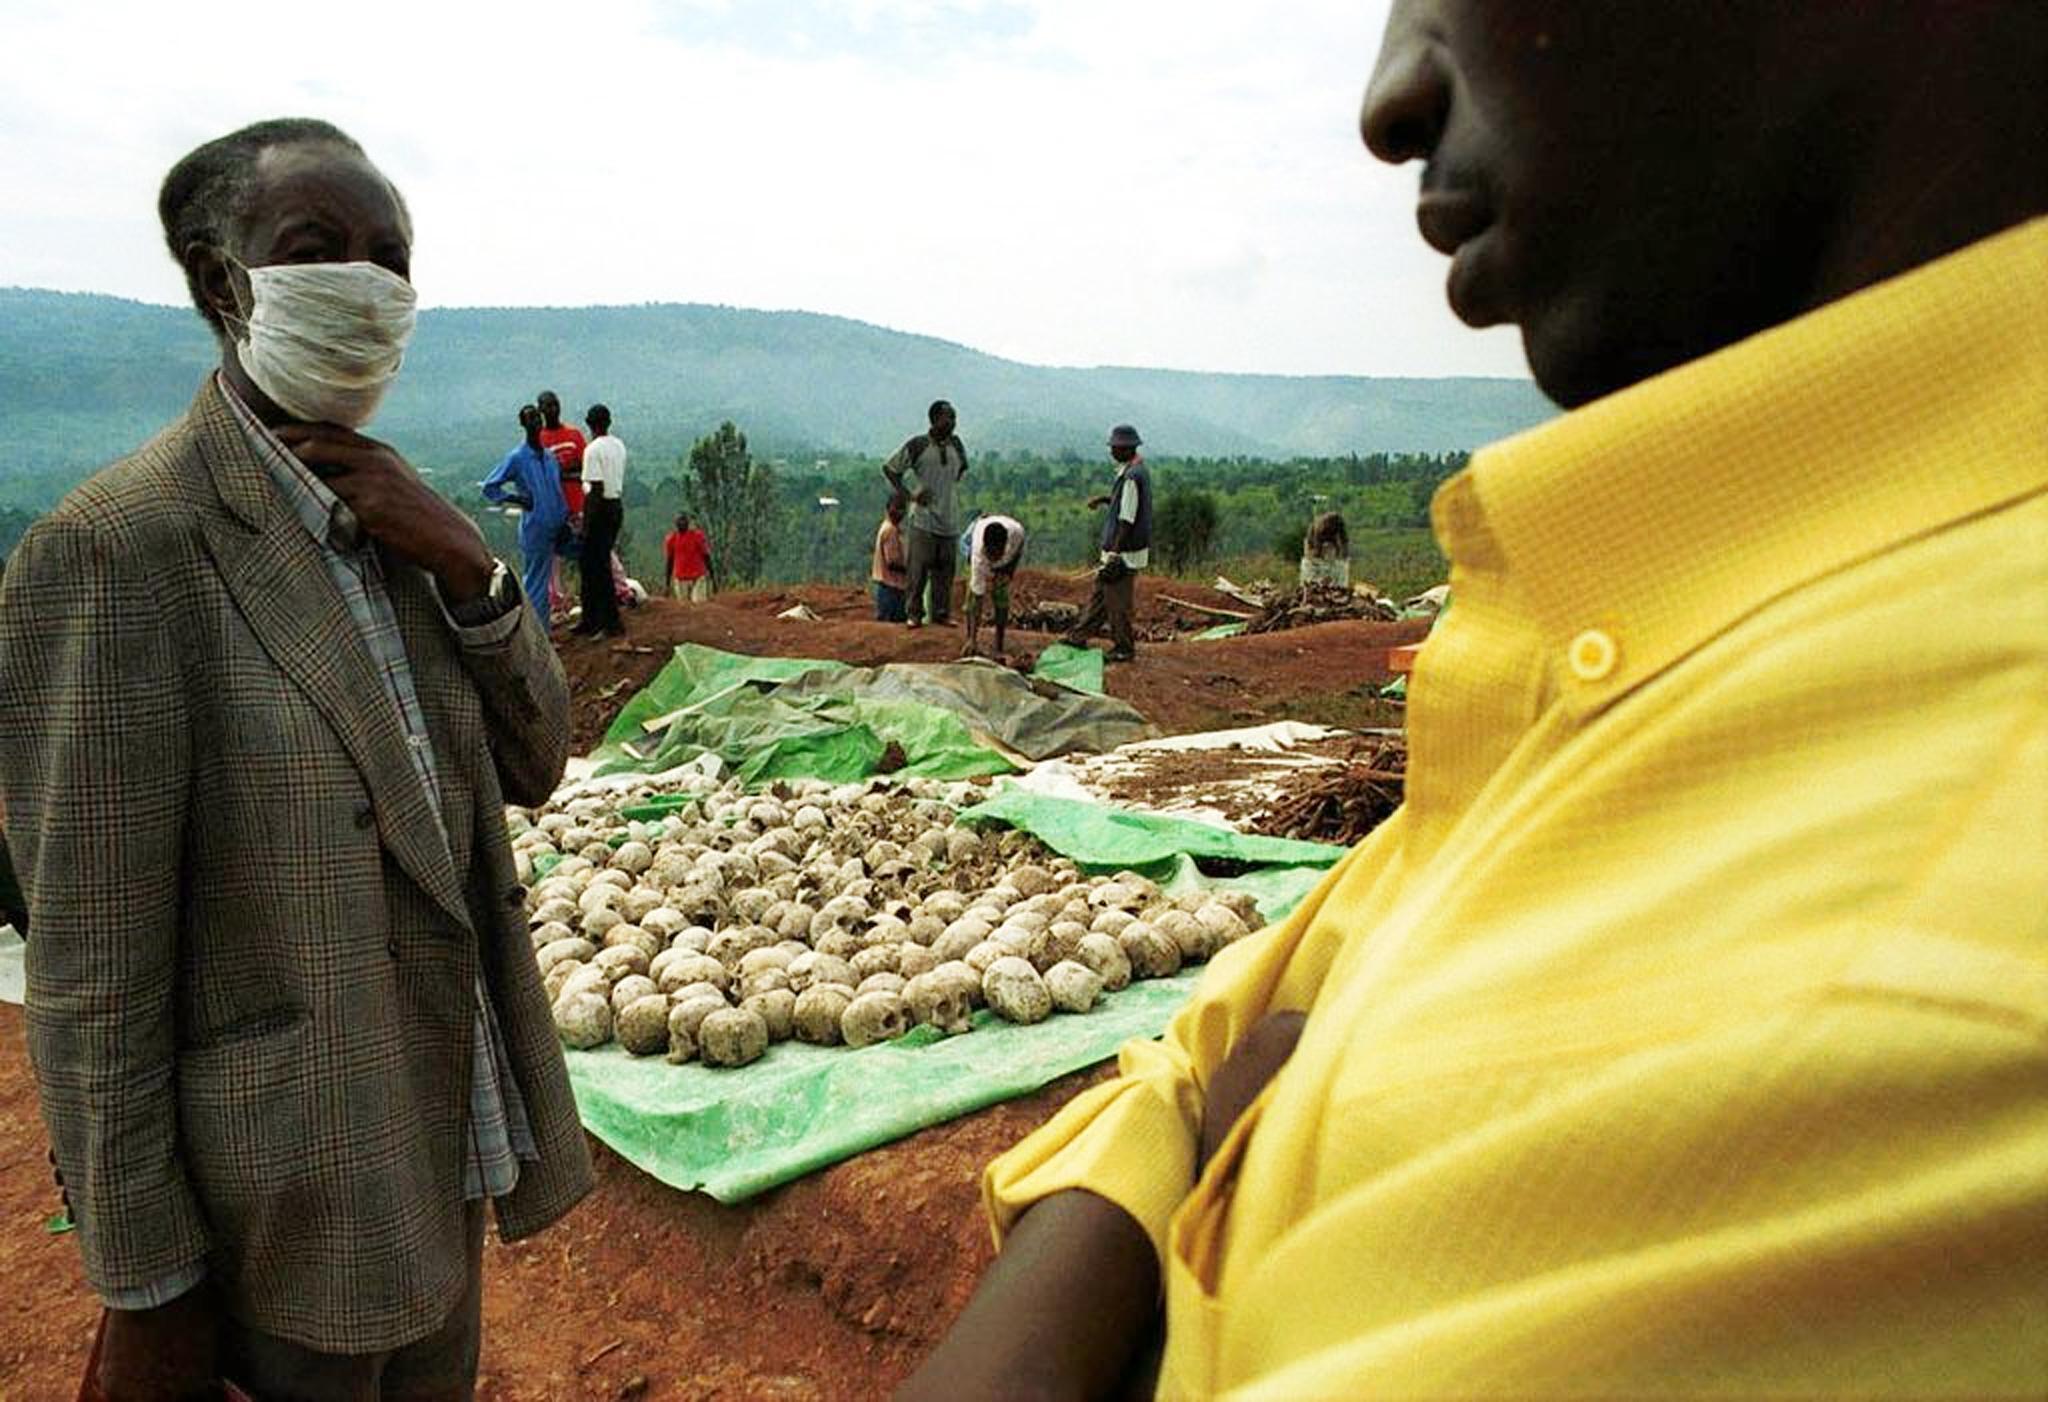 Picha hii ya zamani iliyopigwa tarehe 7 Aprili, 2000 inaonyesha wafanyakazi kutoka timu moja ya wachimbaji 50, wanaondoa mabaki ya watu waliouawa katika mauaji ya kimbari kwenye kaburi la halaiki huko Nyamirambo karibu na Kigali, Rwanda